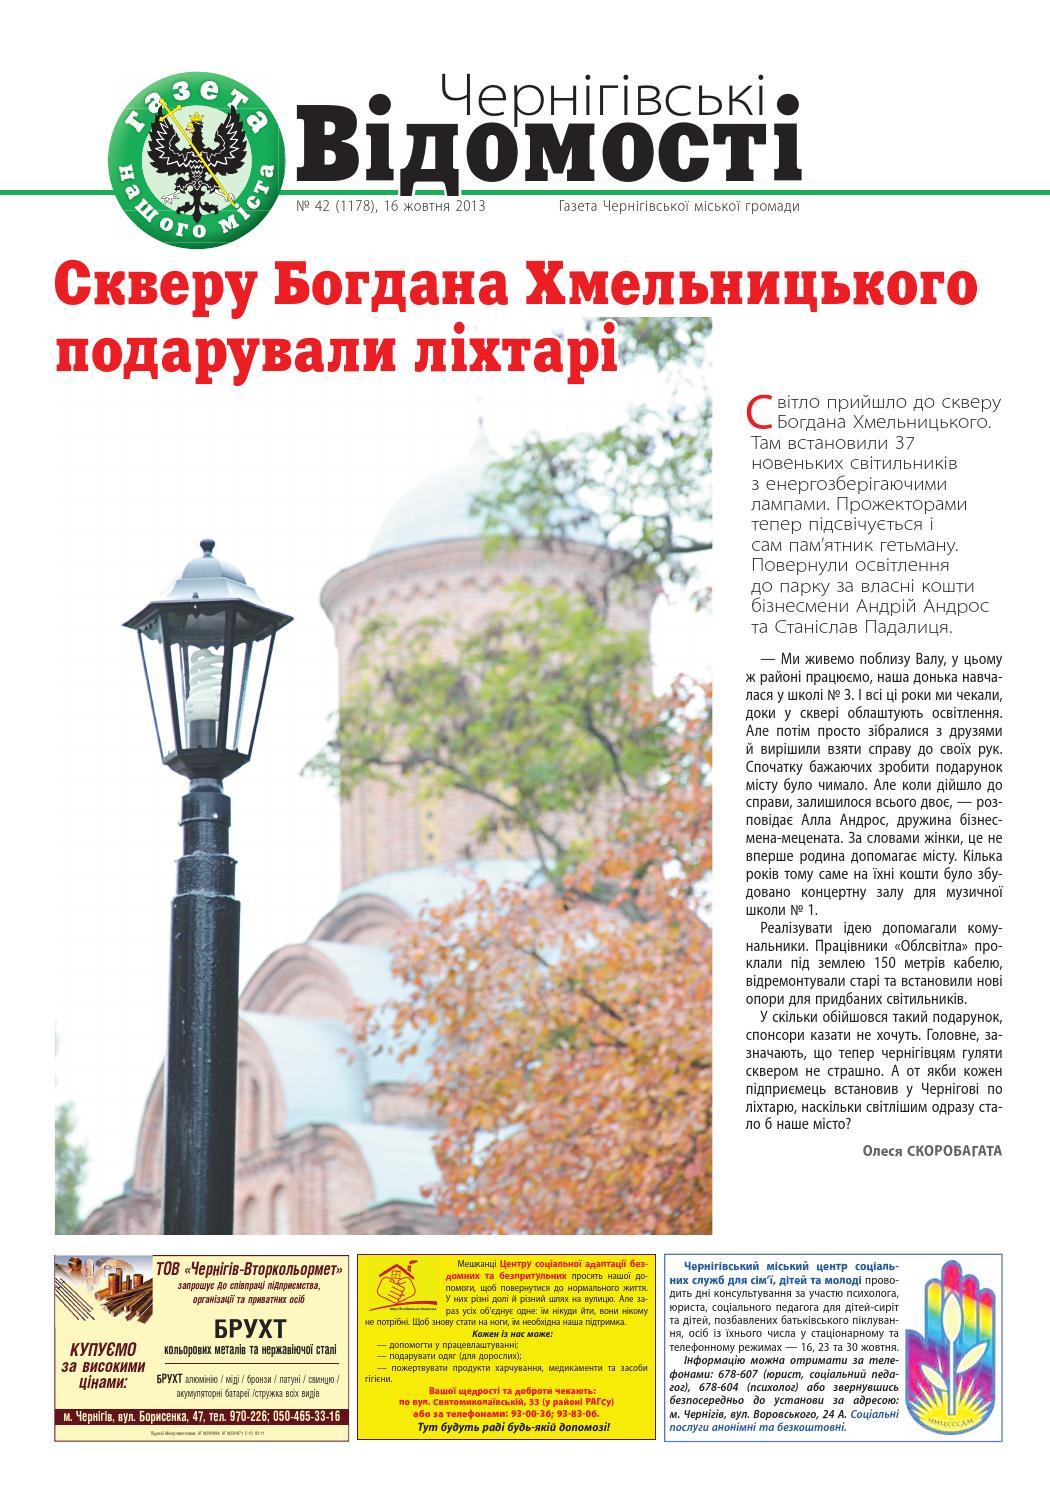 Чернігівські відомості (газета нашого міста) №42 by Alex PAN - issuu 432bd56ffe477